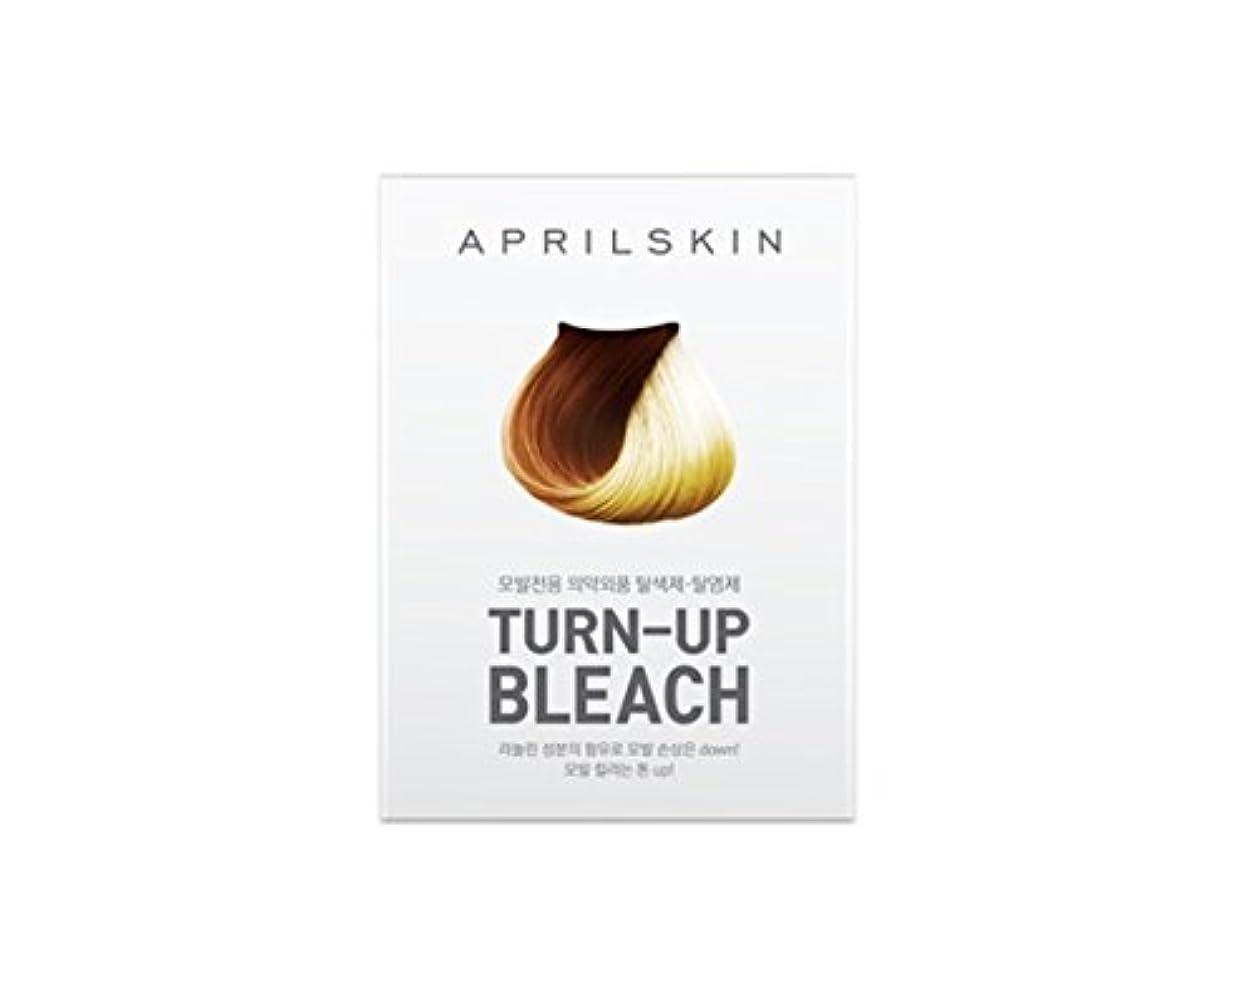 接続詞オリエンタル緩やかなエープリル?スキン [韓国コスメ April Skin] 漂白ブリーチ(ヘアブリーチ)Turn Up Bleach (Hair Bleach) [海外直送品]